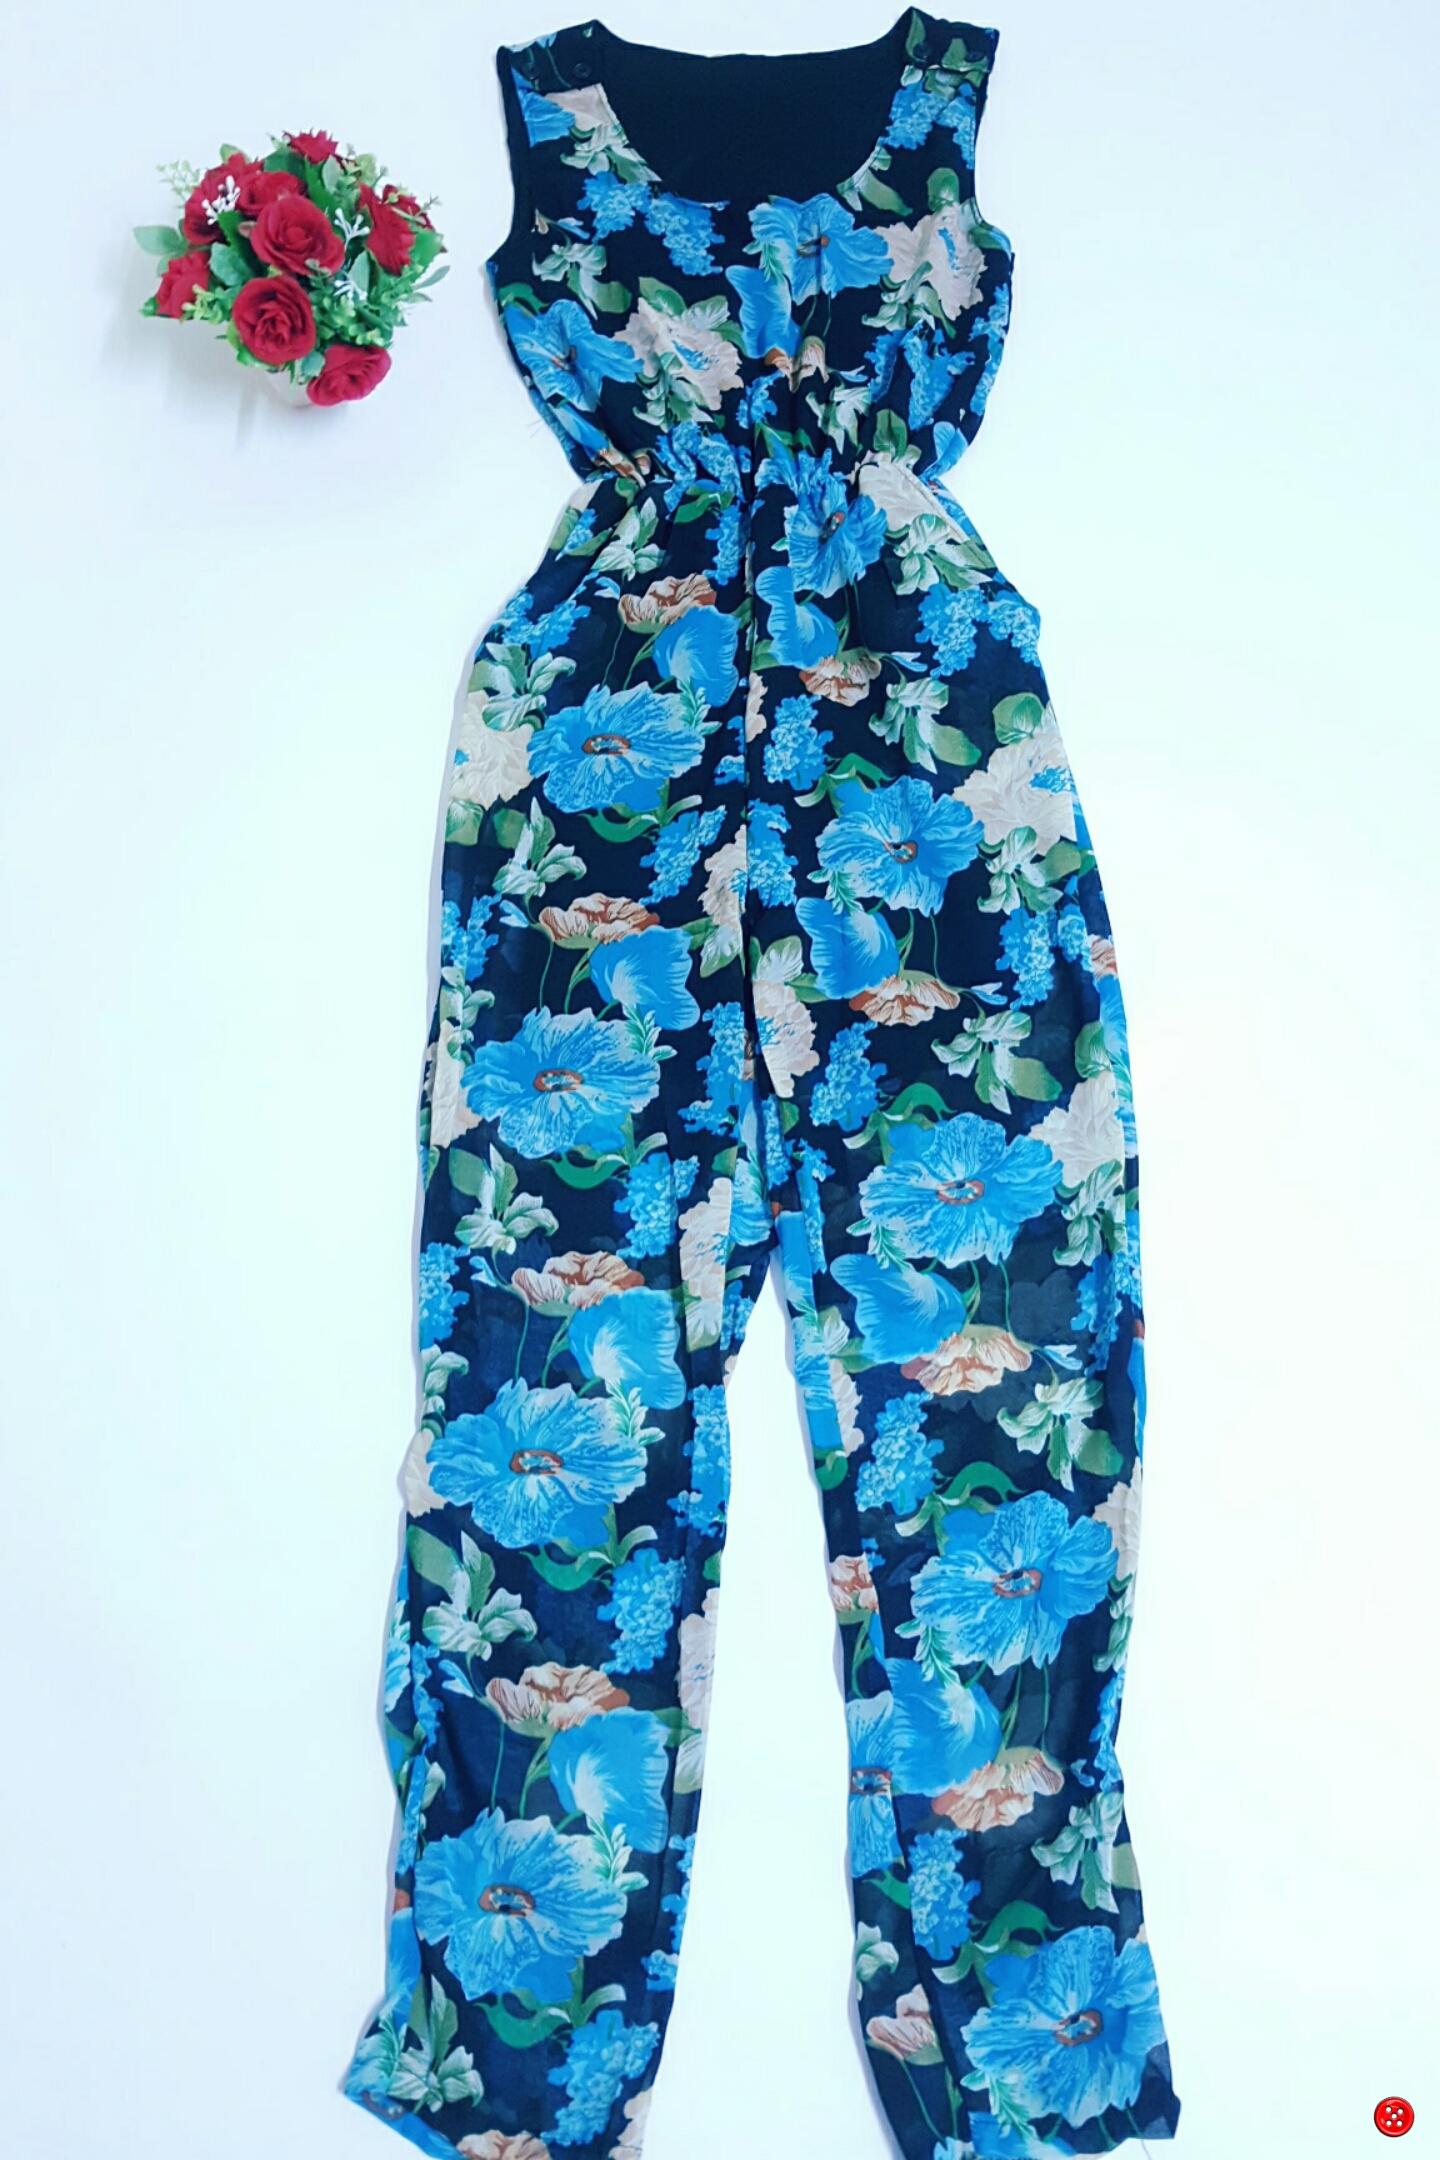 jumpsuit แขนกุด กางเกงขายาว ผ้าชีฟองลายดอกไม้ สีดำ มีซับในอย่างดี มีกระเป๋าสองข้าง สม็อครอบเอว ที่สายแบบติดกระดุมทำให้สามารถสวมใส่ง่าย อก 38 เอว 20-36 สะโพก 42 ยาว 57 สำเนา